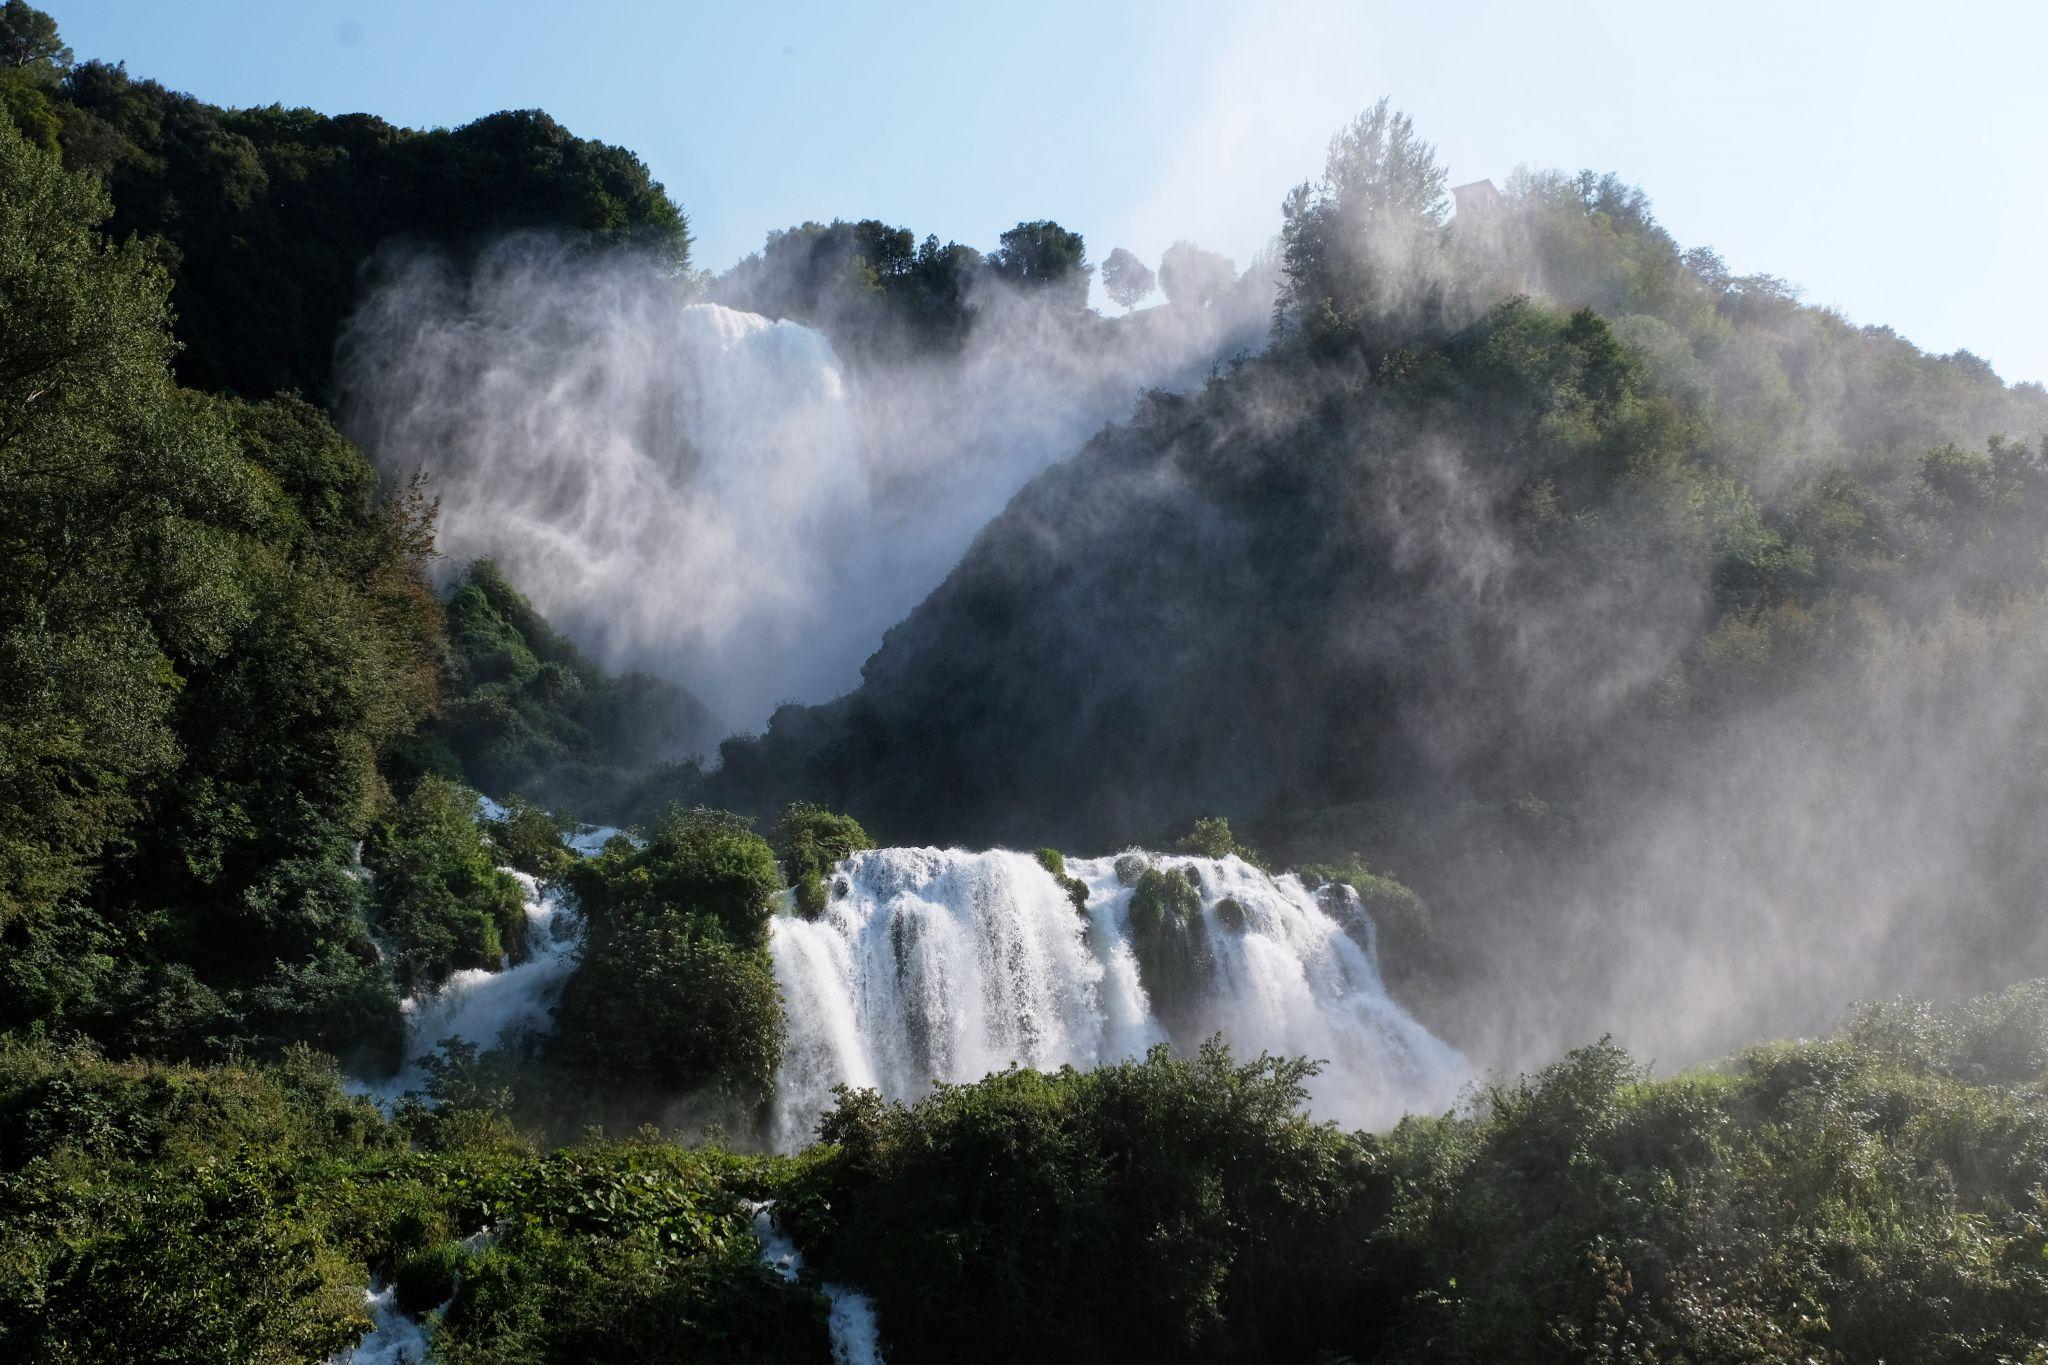 Cascata delle Marmore, Italy